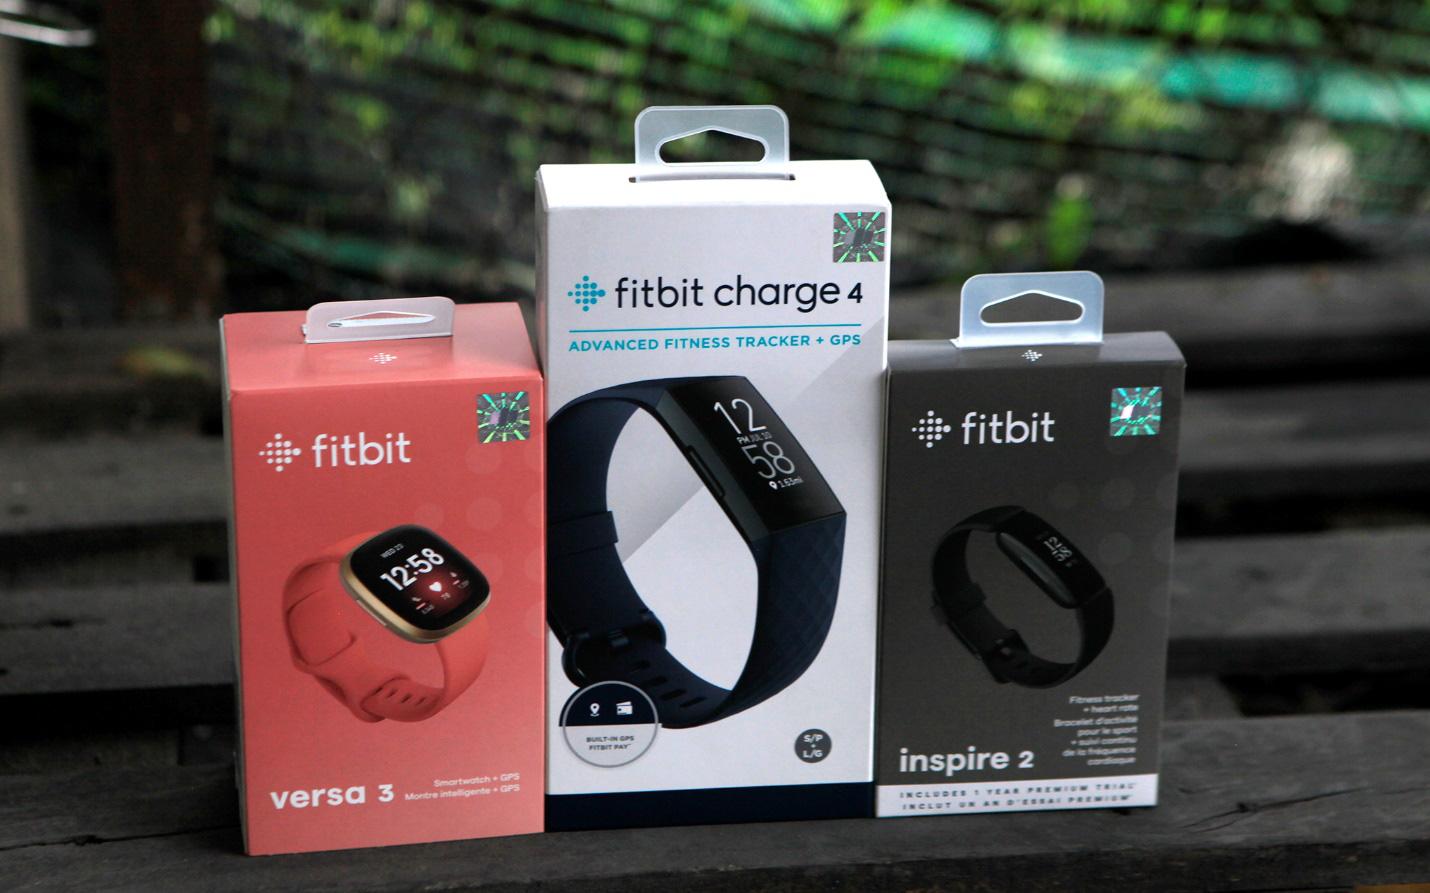 Bộ đôi Fitbit Inspire 2 và Versa 3 truyền cảm hứng vận động, nâng cấp hỗ trợ Tiếng Việt - Ảnh 1.